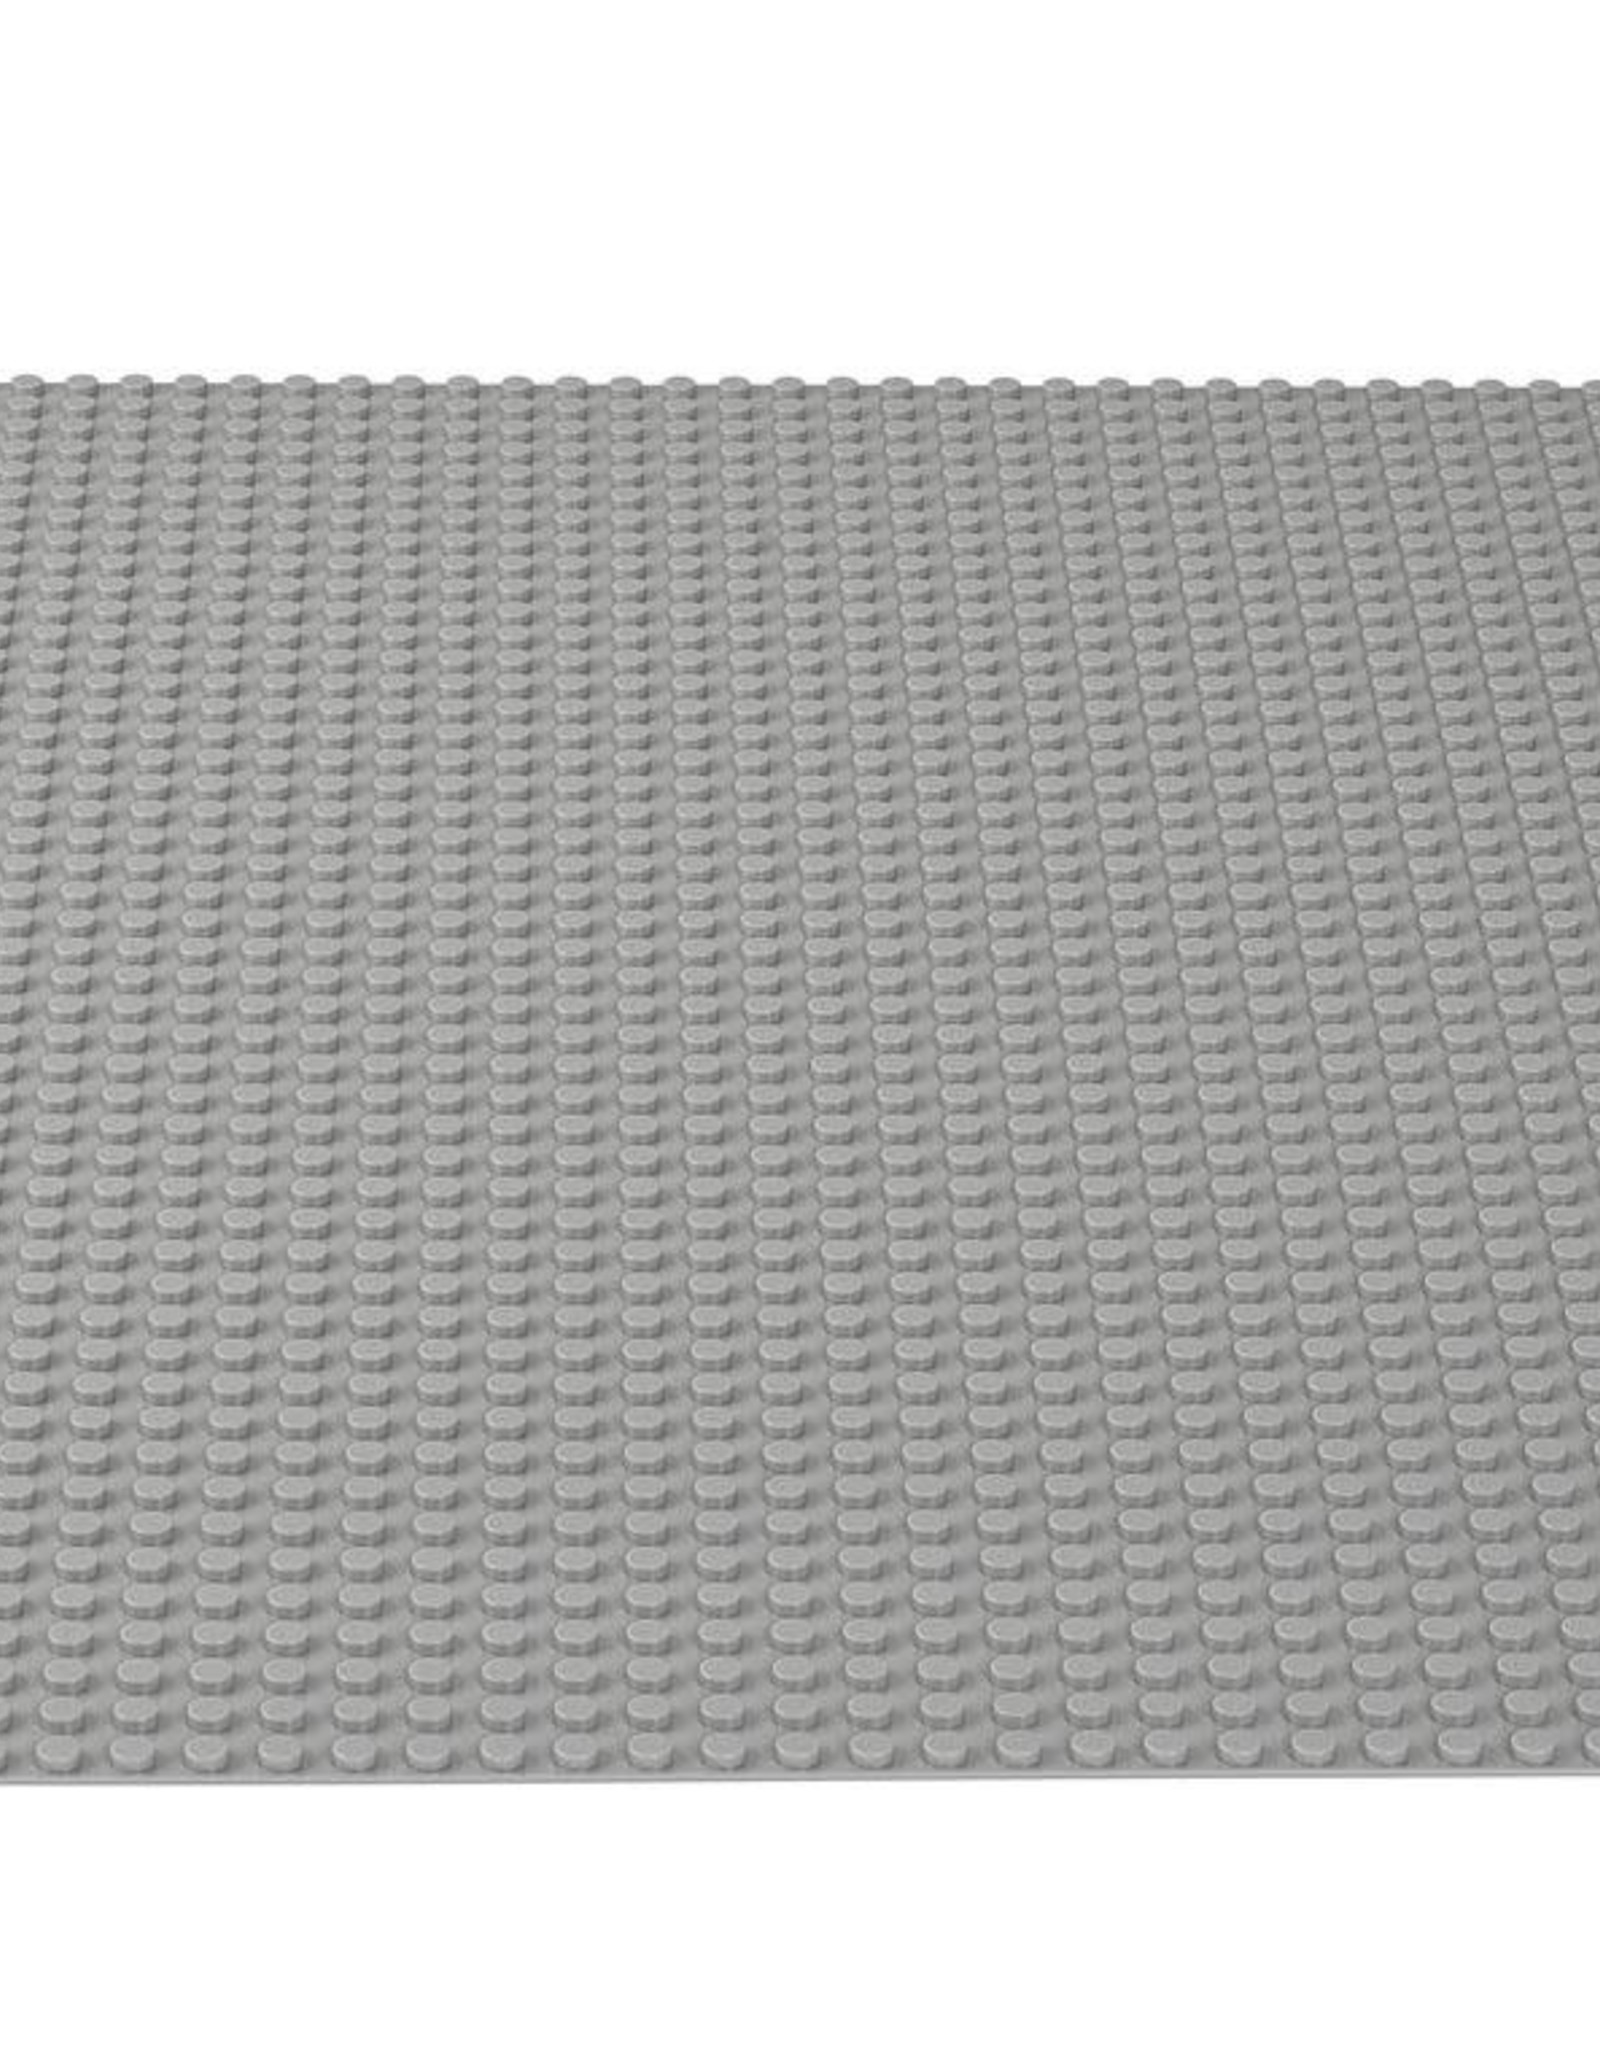 LEGO 10701 Gray Baseplate LEGO